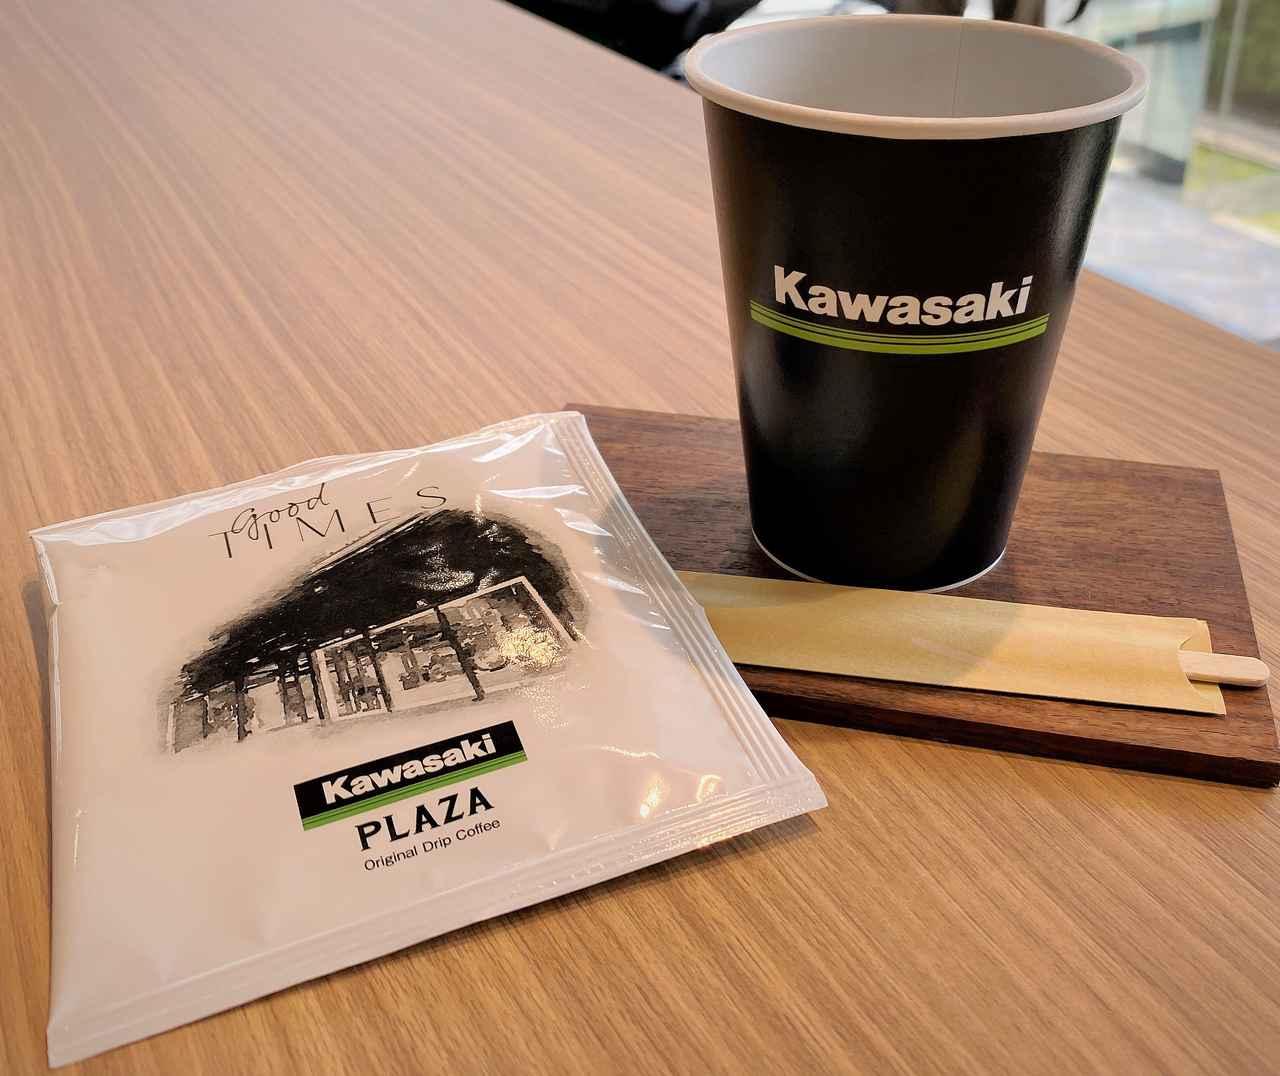 画像: 6月末までの来店者にオープン記念としてプレゼントされる特製コーヒー『Ninjaブレンド』のドリップパック